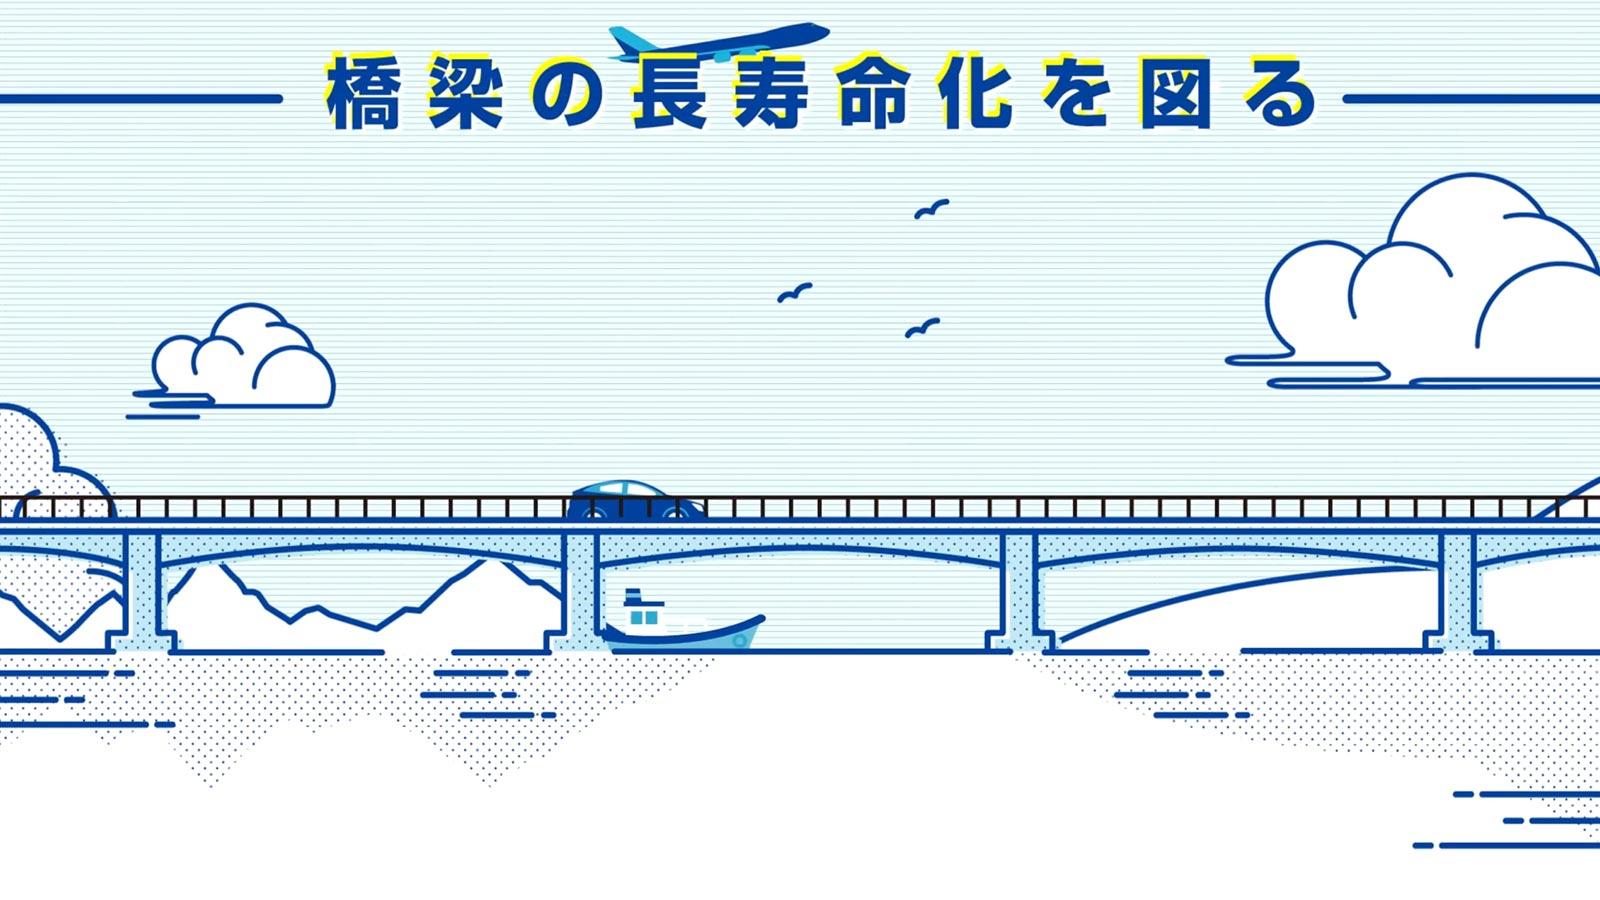 橋梁の長寿命化を図る